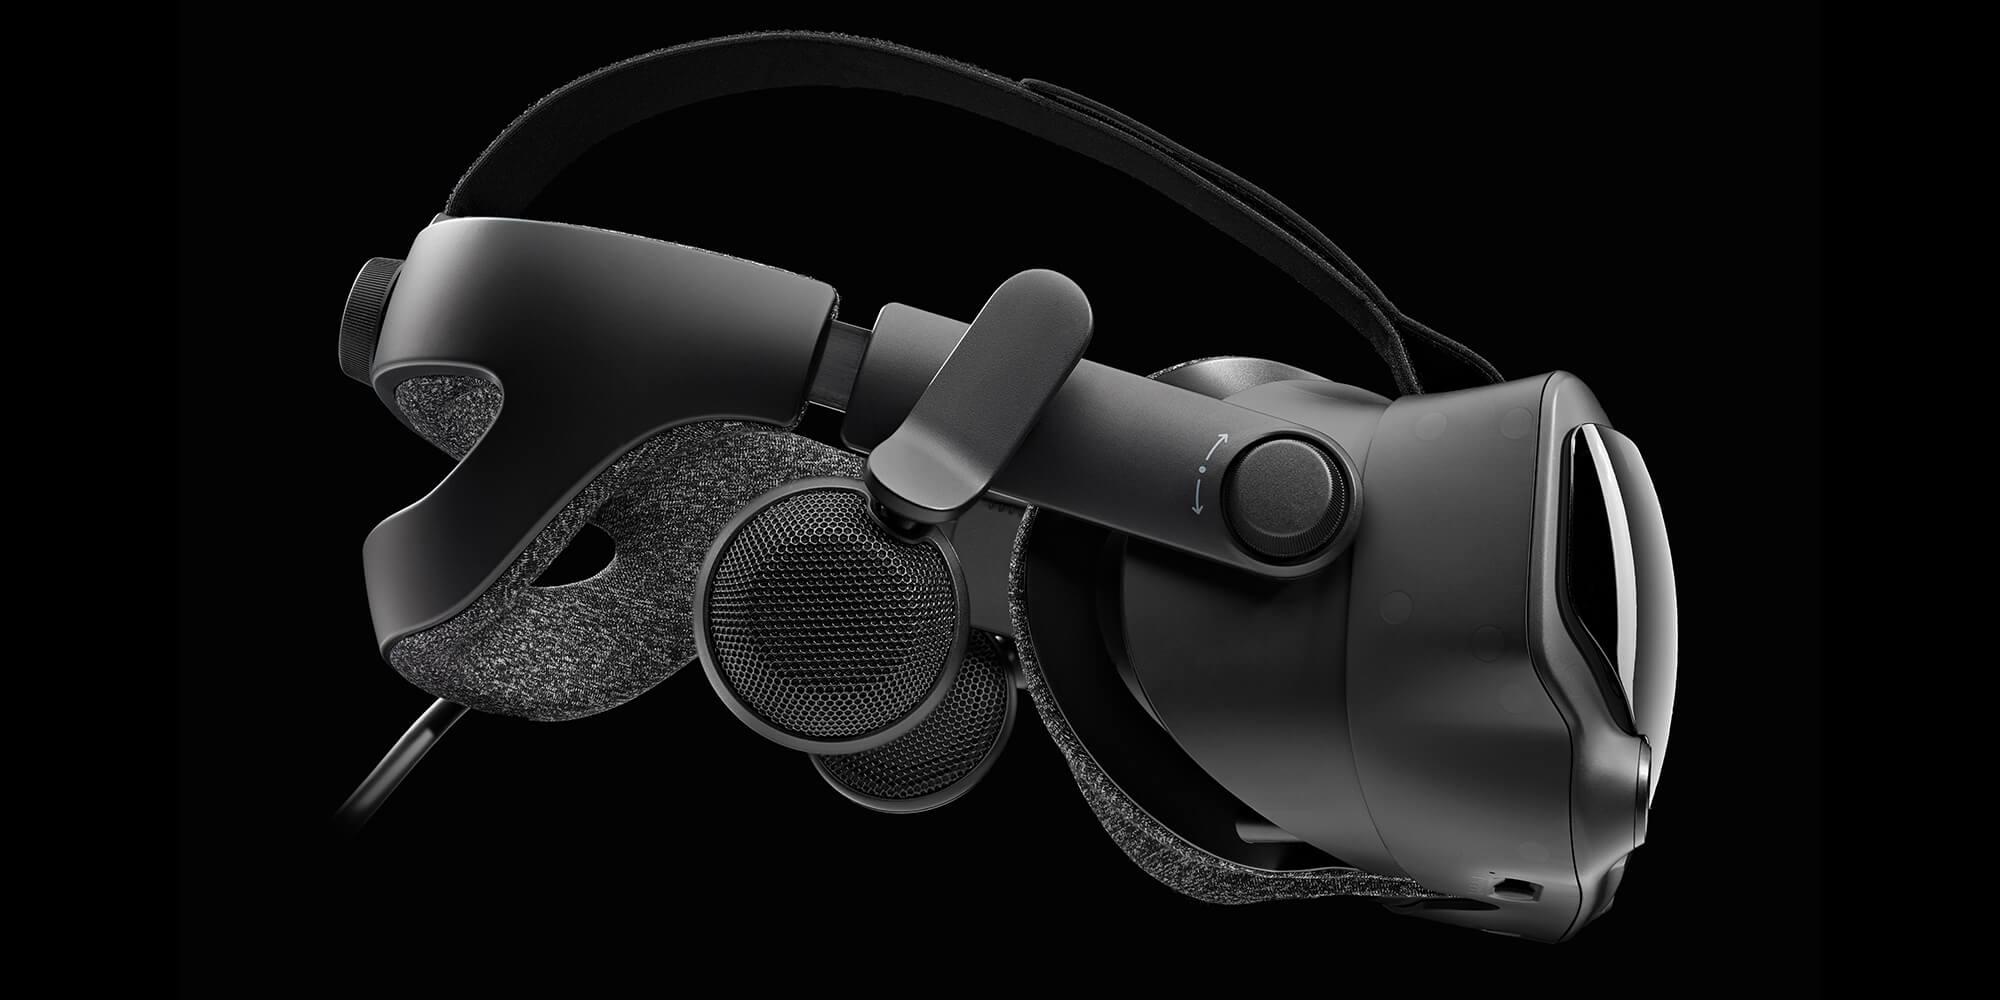 VR-Headset – Valve Index – Für ein besseres Erlebnis - Valve